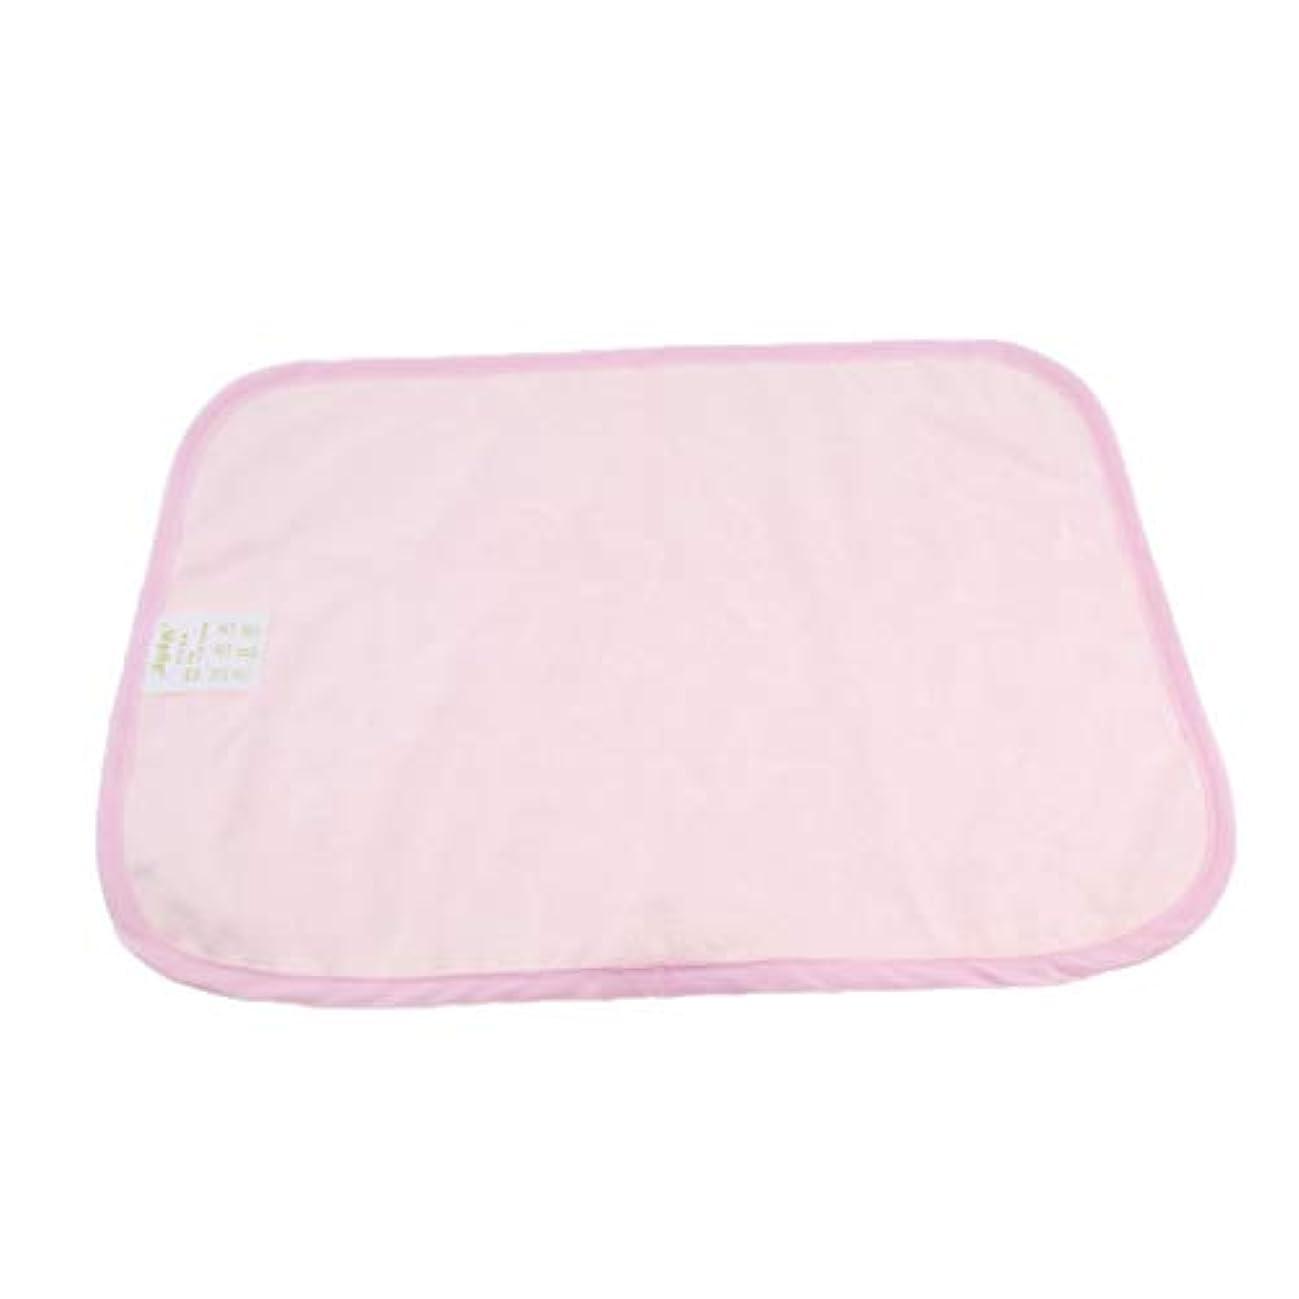 欠かせない少数プールdailymall 失禁パッド 介護用ベッド 敷きパッド 尿漏れ対応 吸水 子供 高齢者 出産後 洗濯可能 全2色 - ピンク